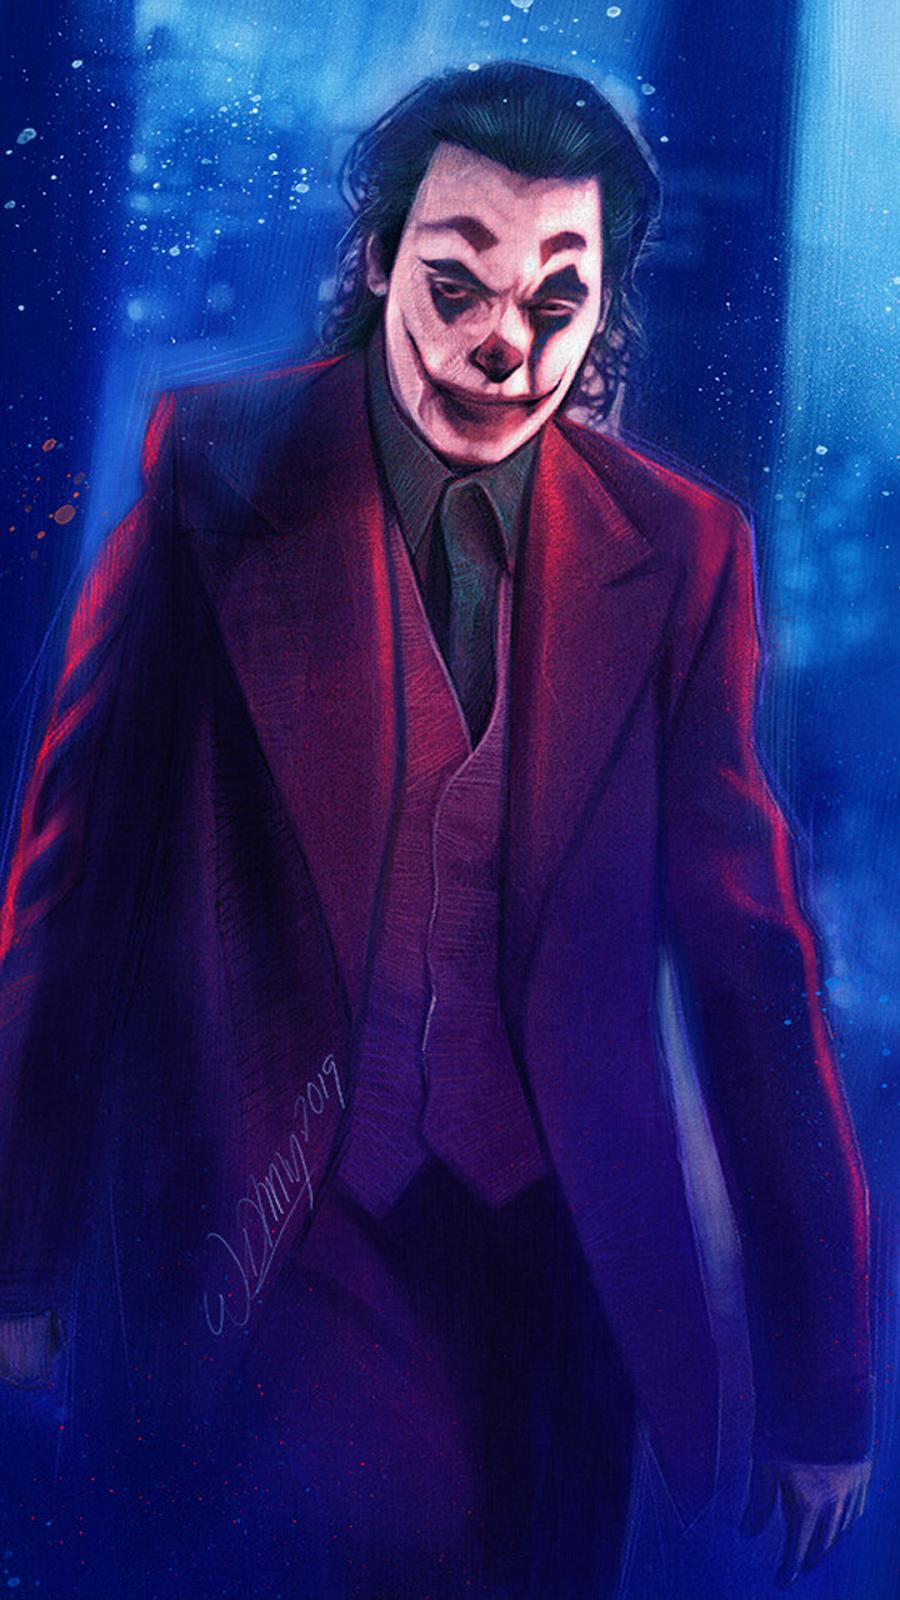 Joker Wallpaper New Joker Wallpaper 2020 900x1600 Wallpaper Teahub Io